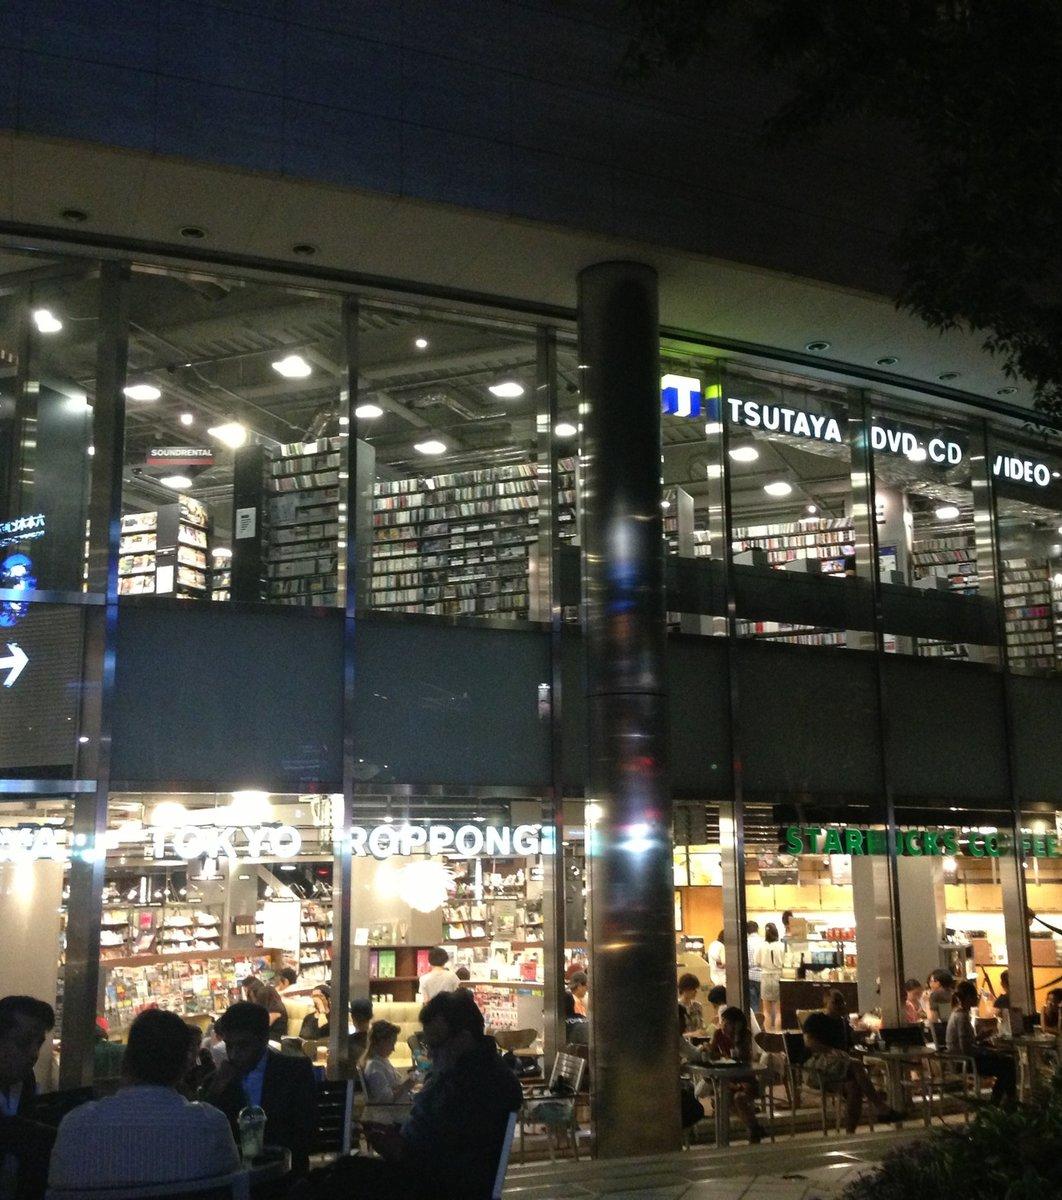 スターバックス・コーヒー TSUTAYA TOKYO ROPPONGI店